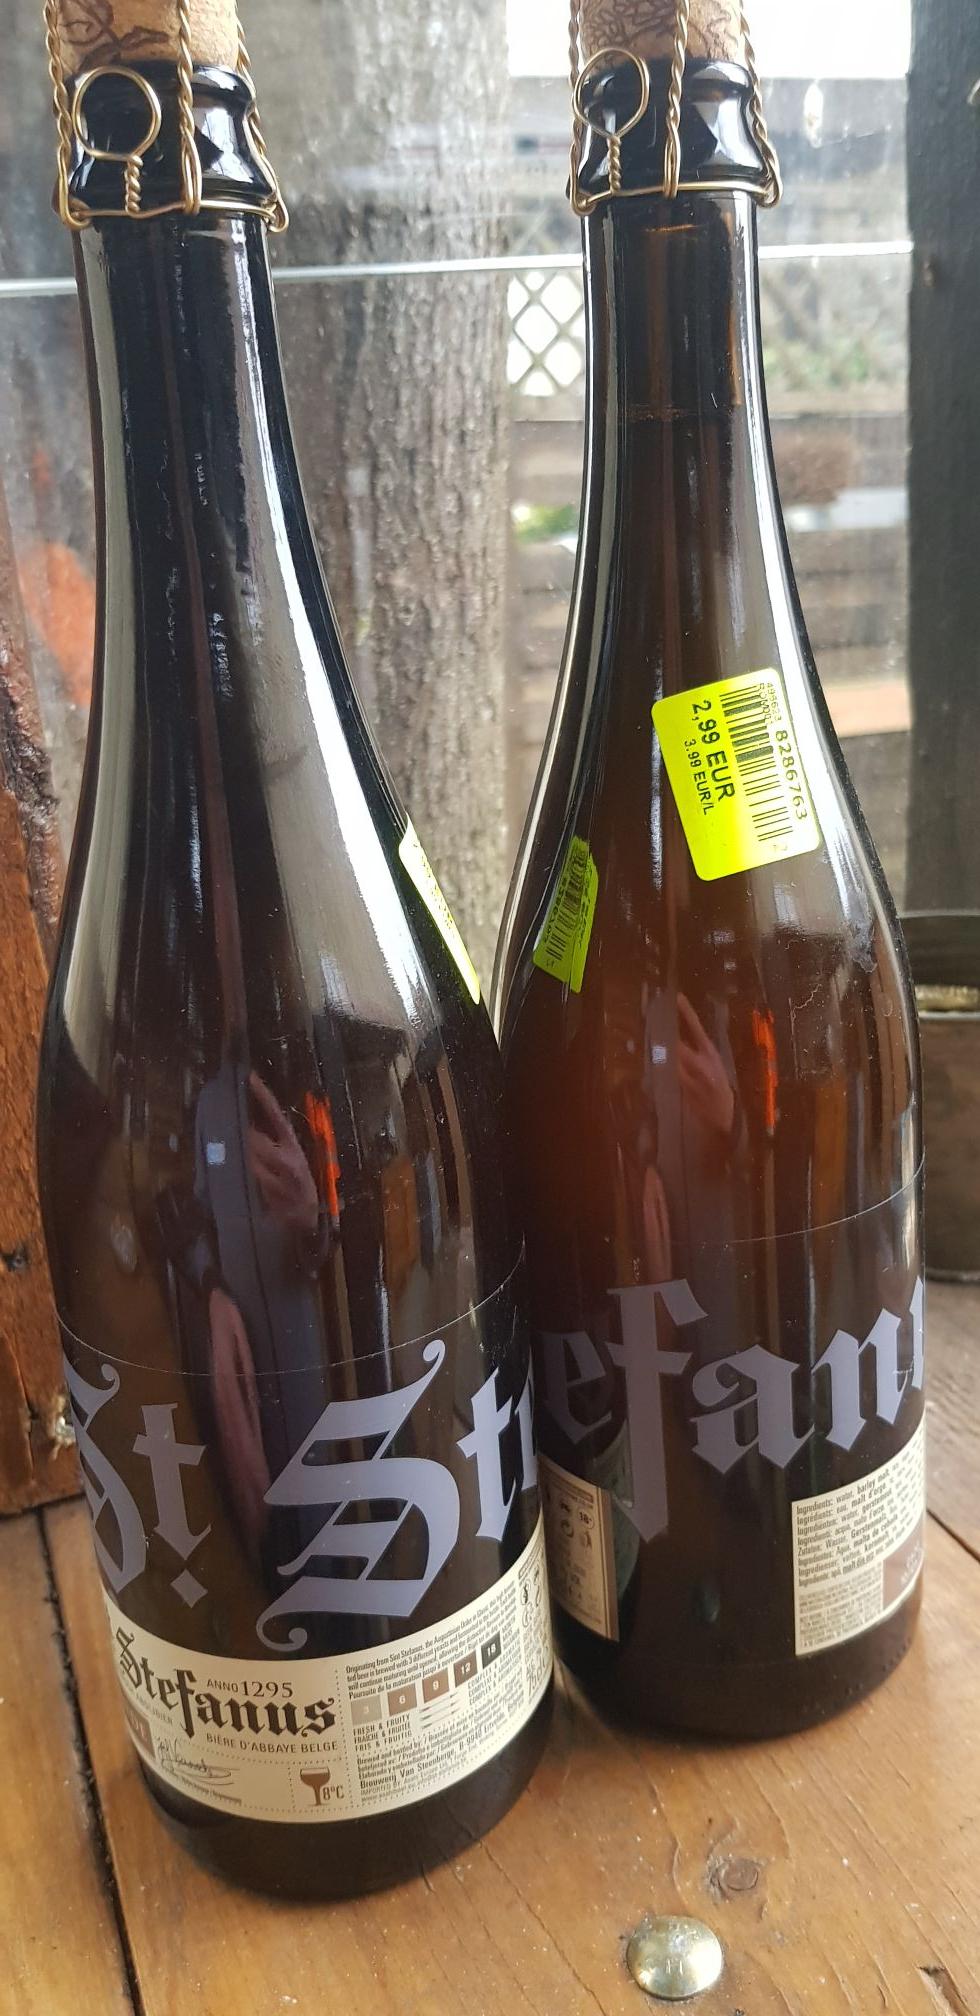 Bouteille de bière Saint Stefanus (75CL) - Coignieres (78)